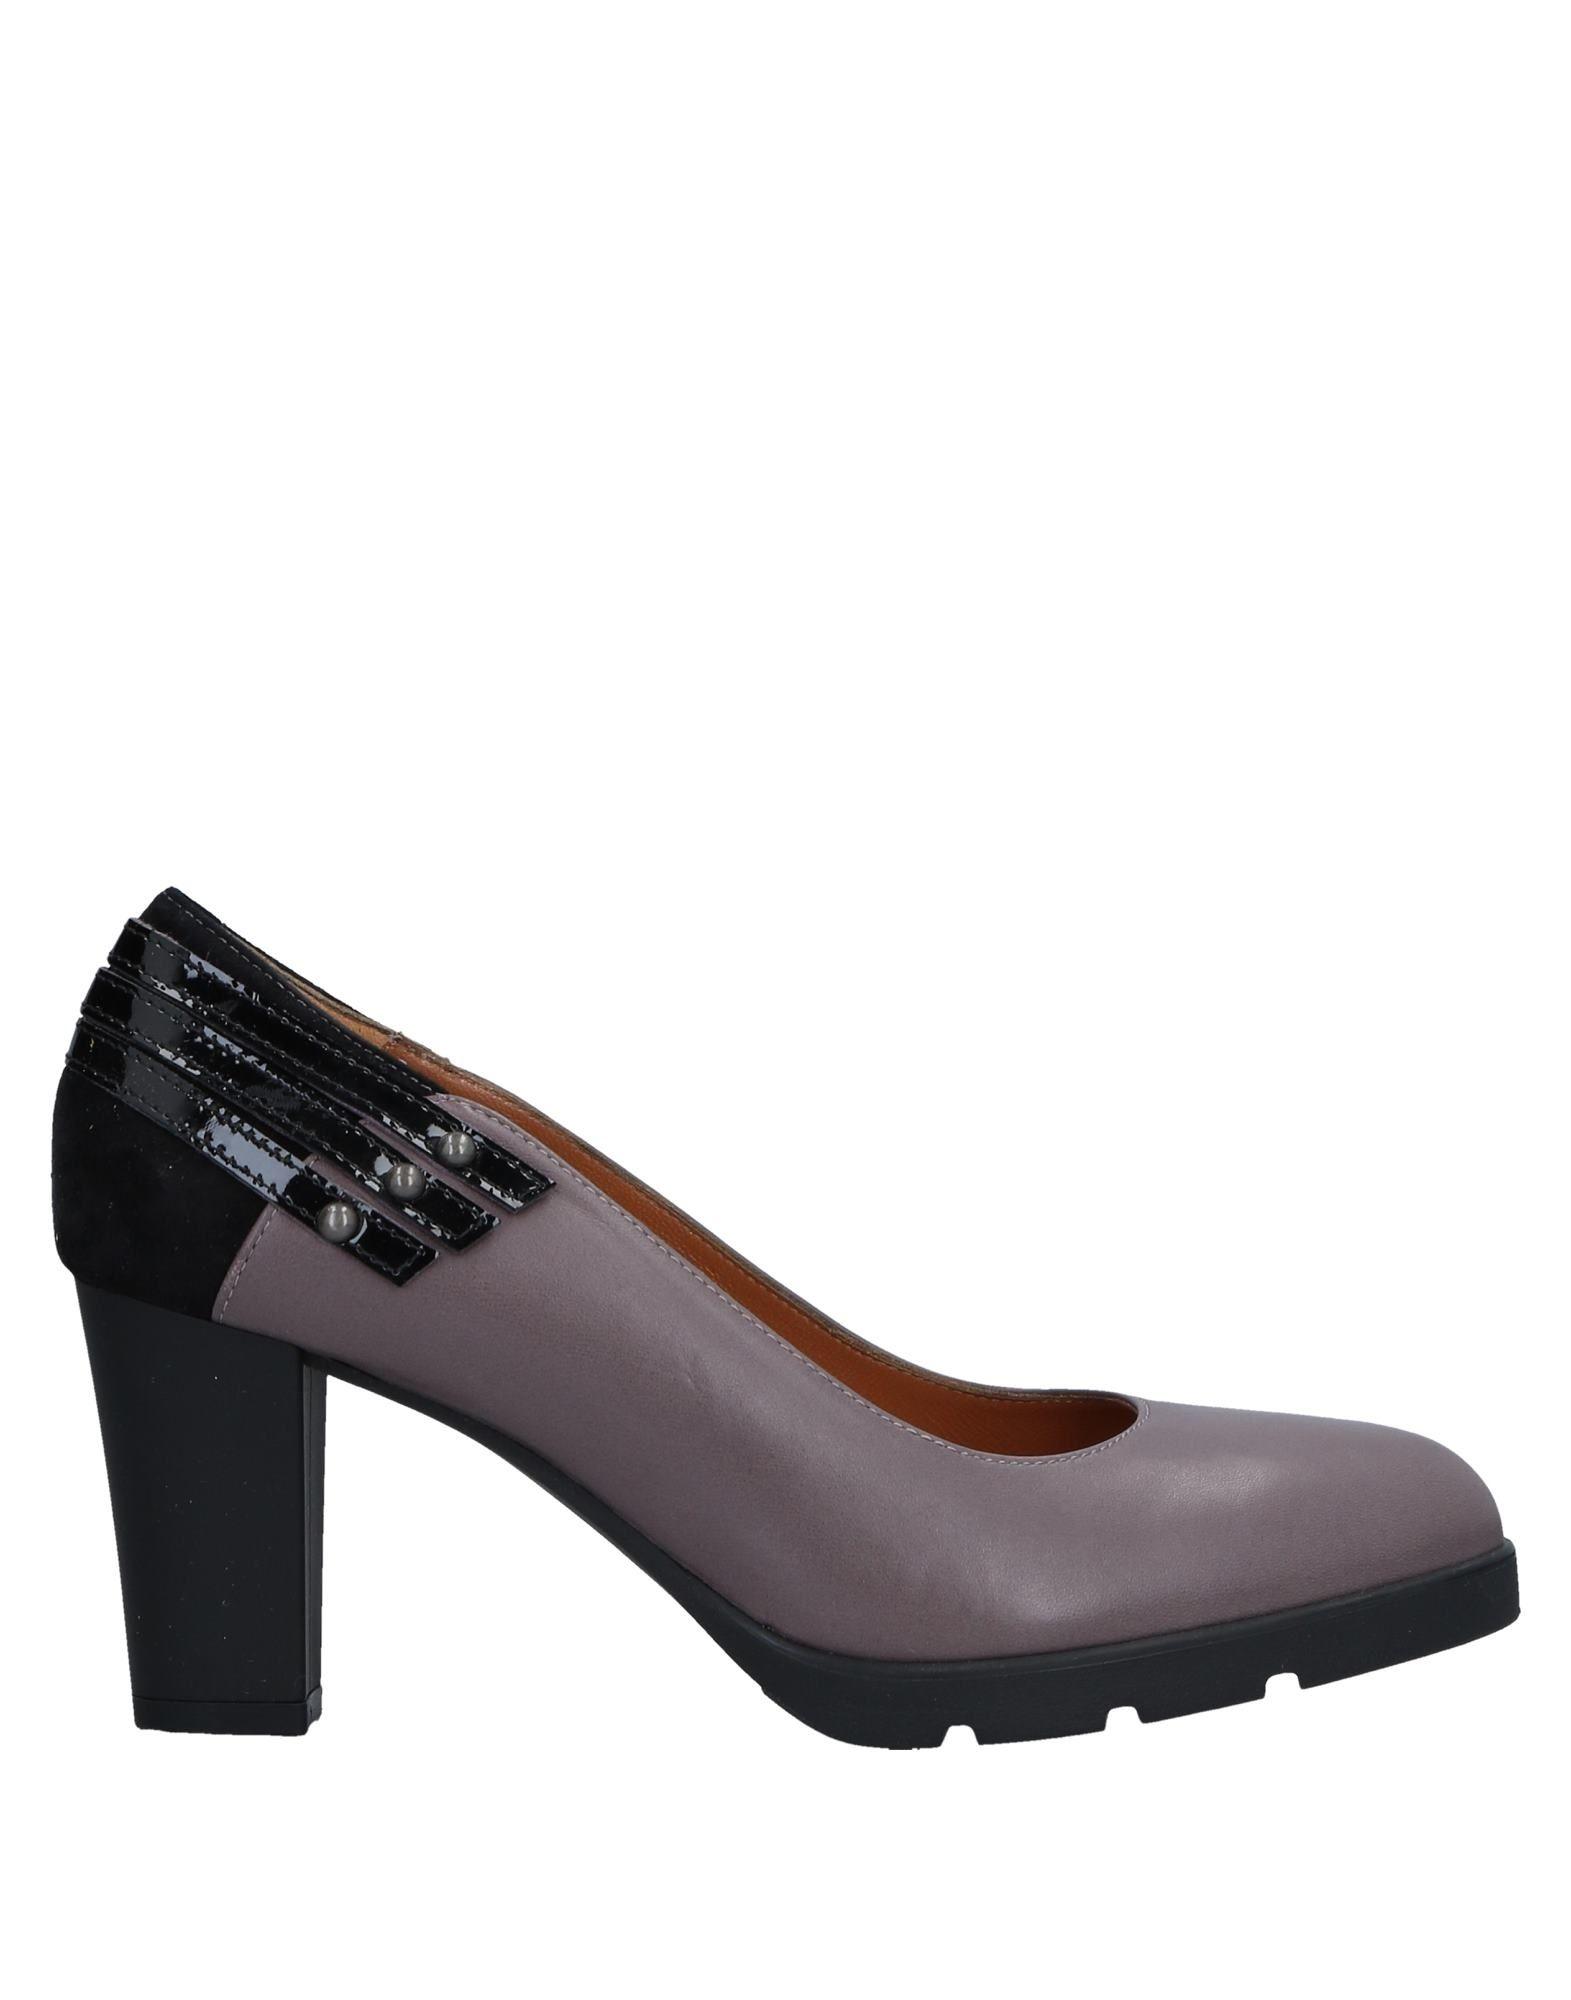 Donna 11533630AW Soft Pumps Damen  11533630AW Donna Gute Qualität beliebte Schuhe 73df4e